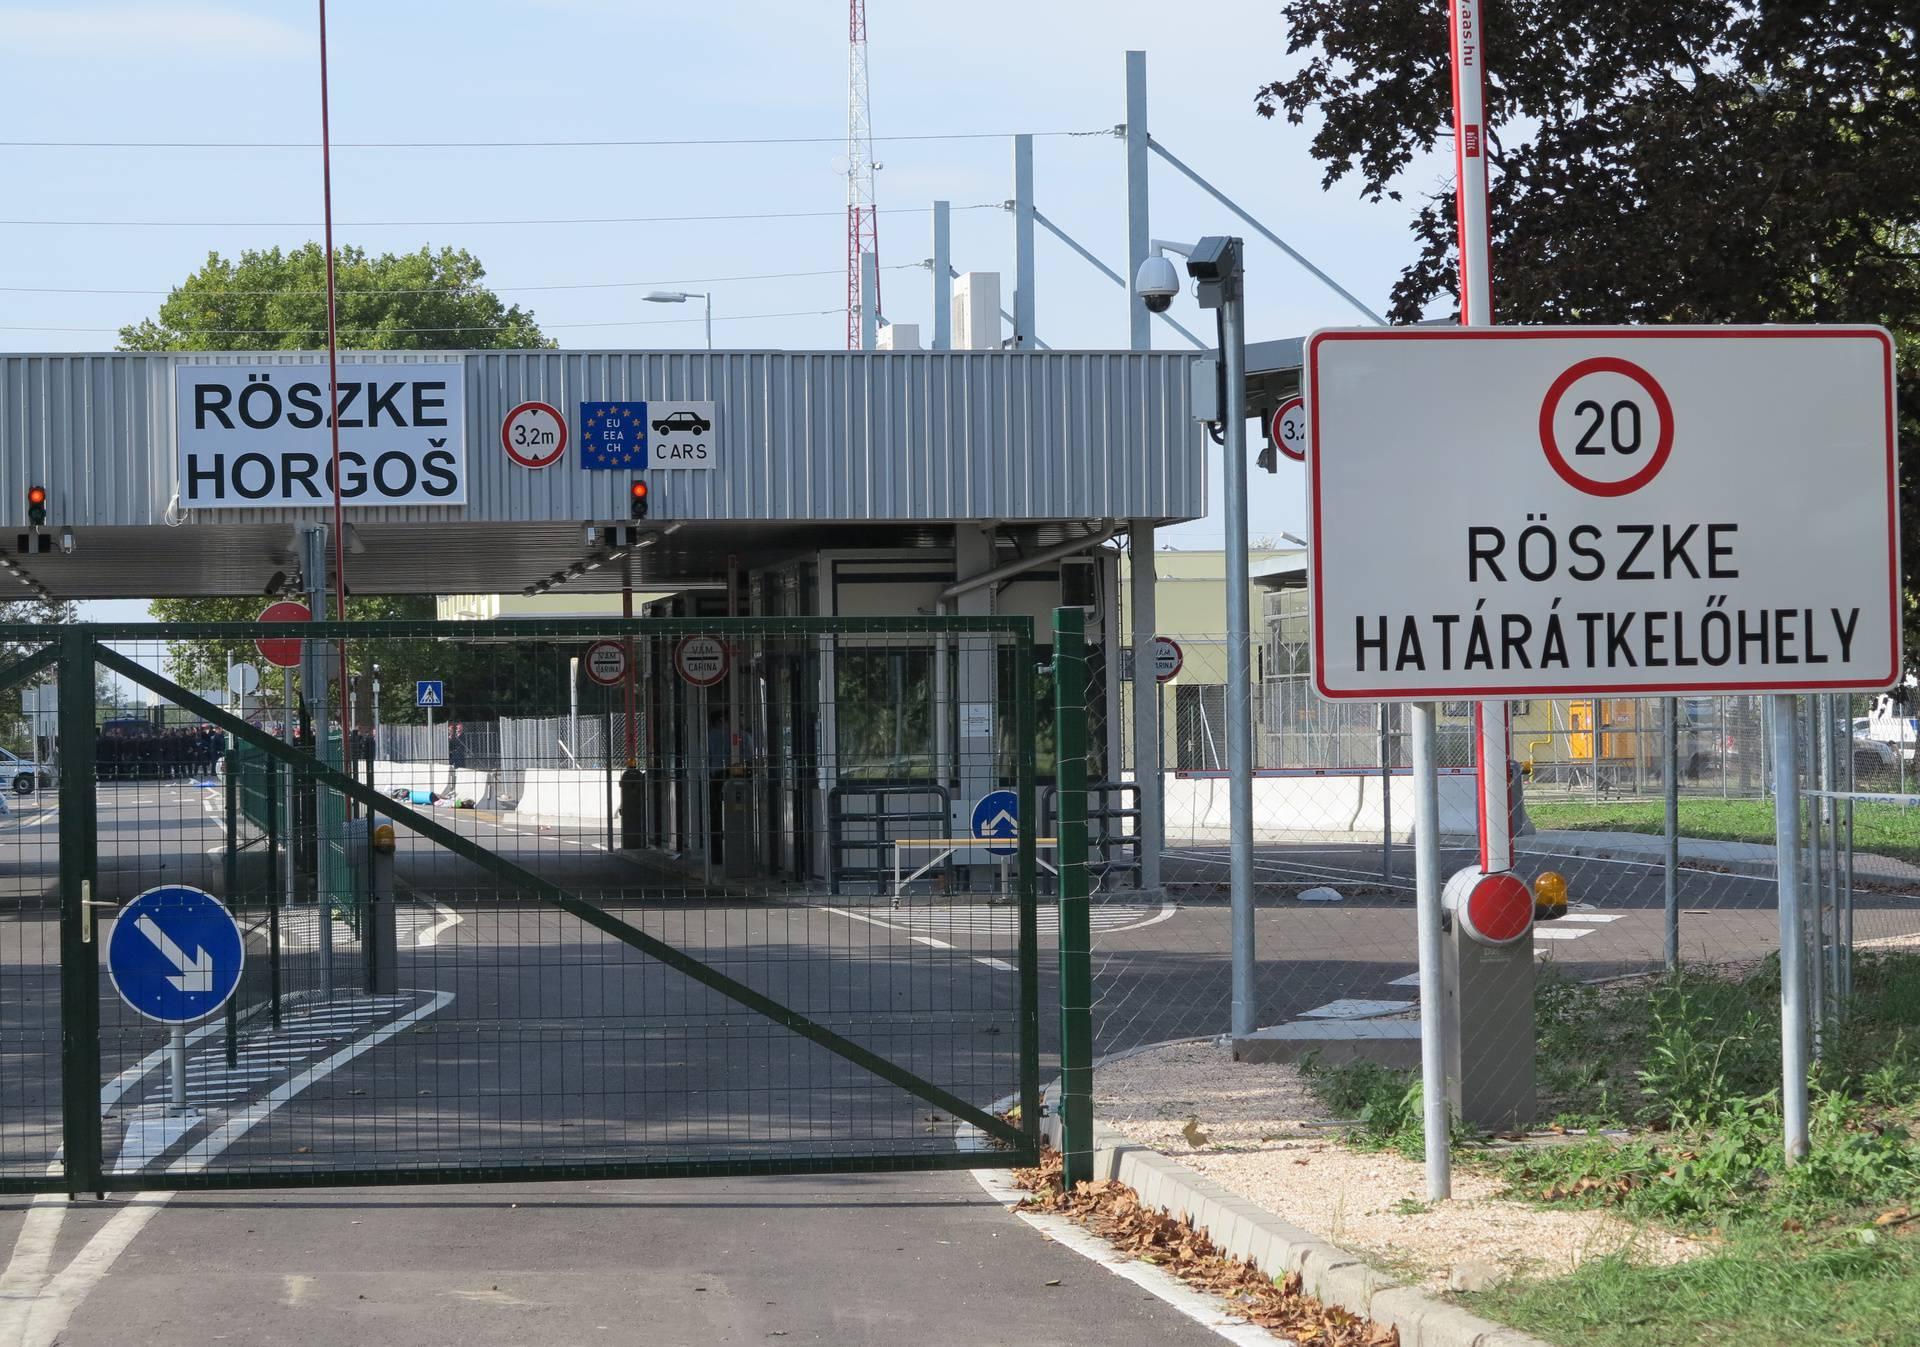 Mađarska policija otkrila tunel i spriječila ulazak 300 migranata